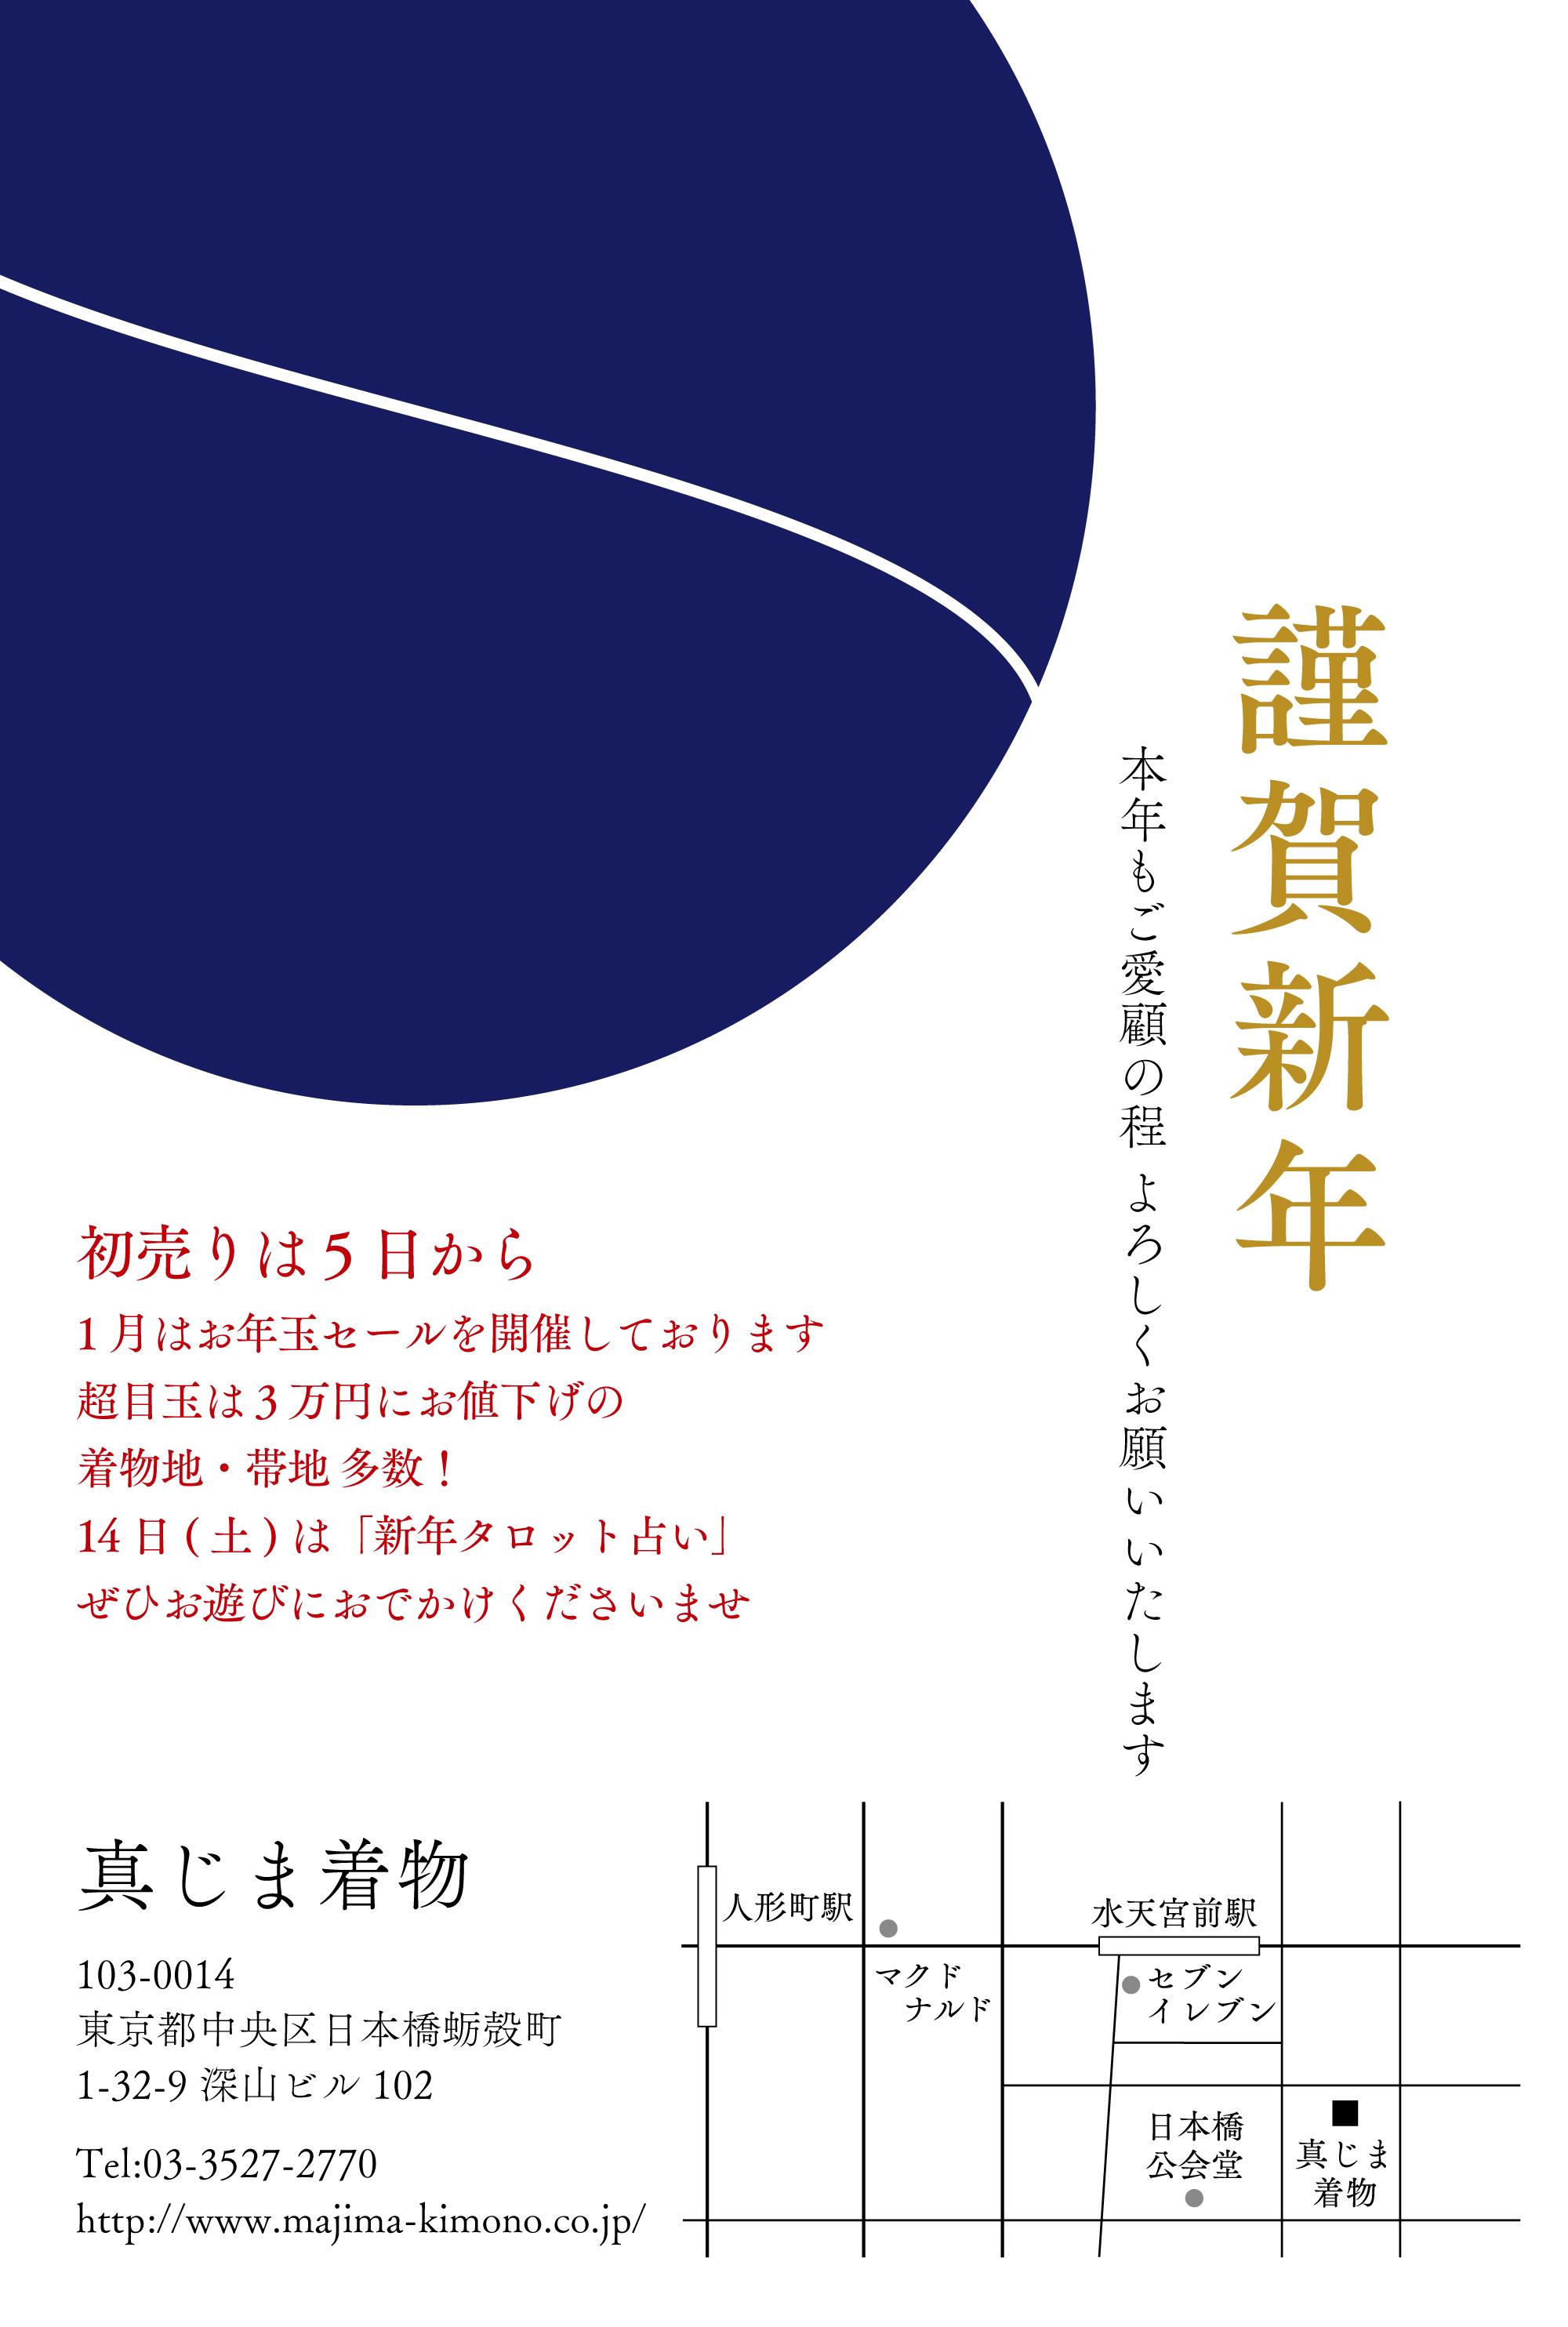 majima-nenga-blue-ful